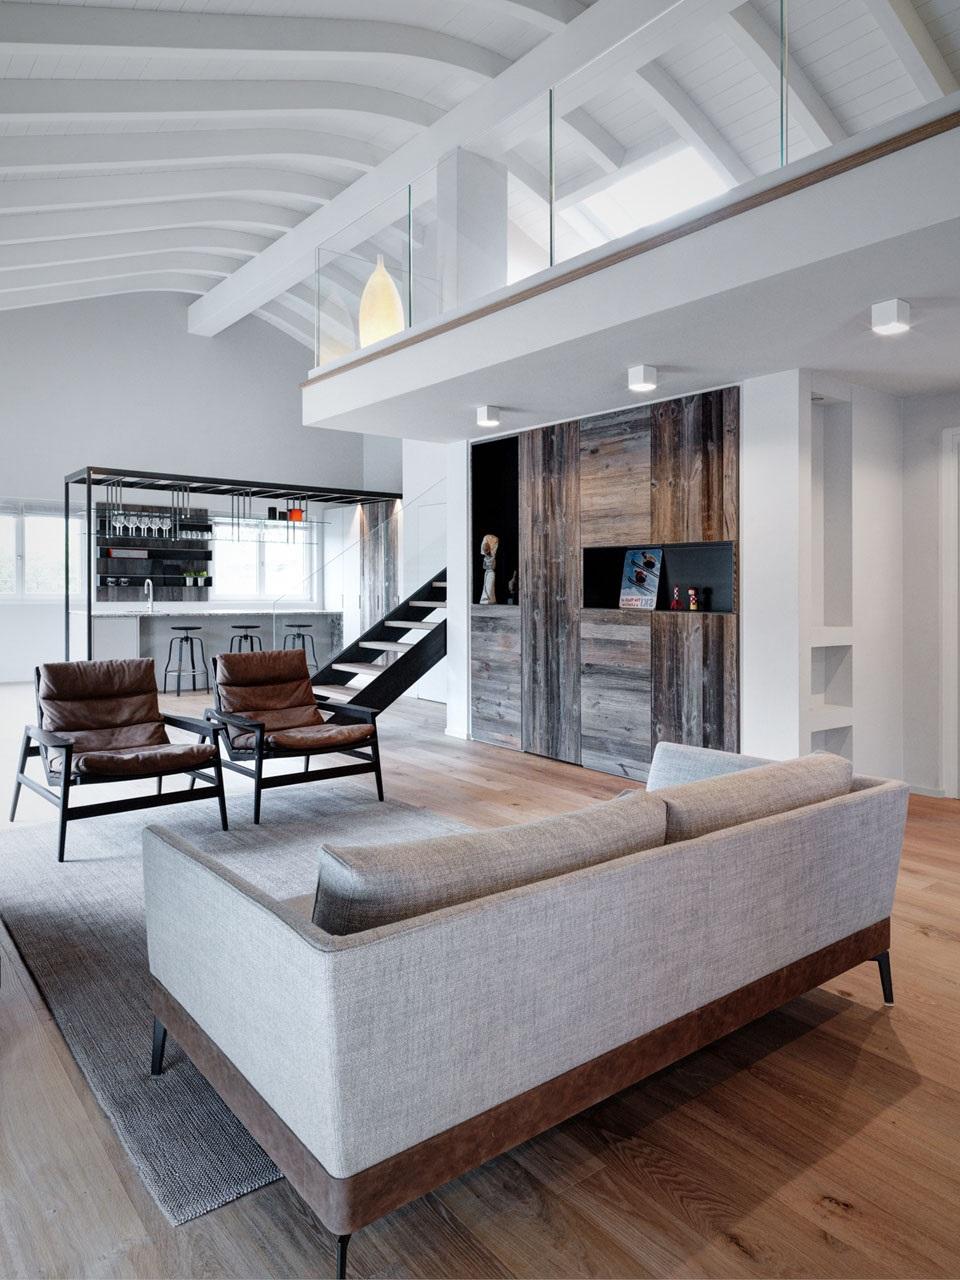 Salon sur deux niveaux avec section fenêtrée.